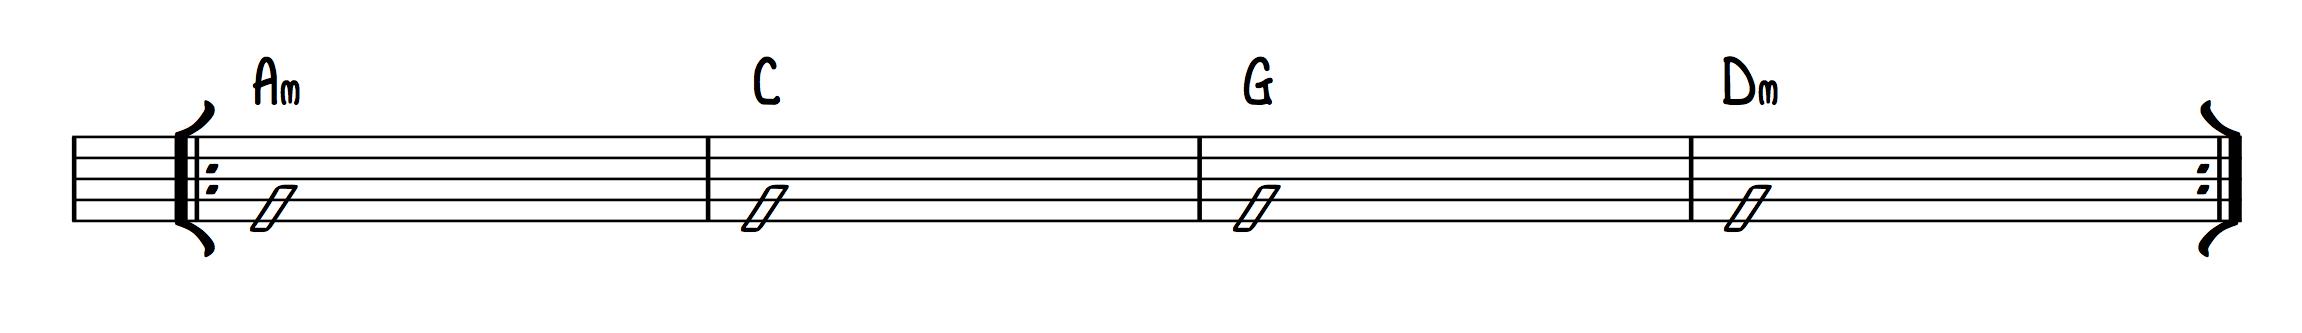 Chord Exercise 2 - Am, C, G, Dm